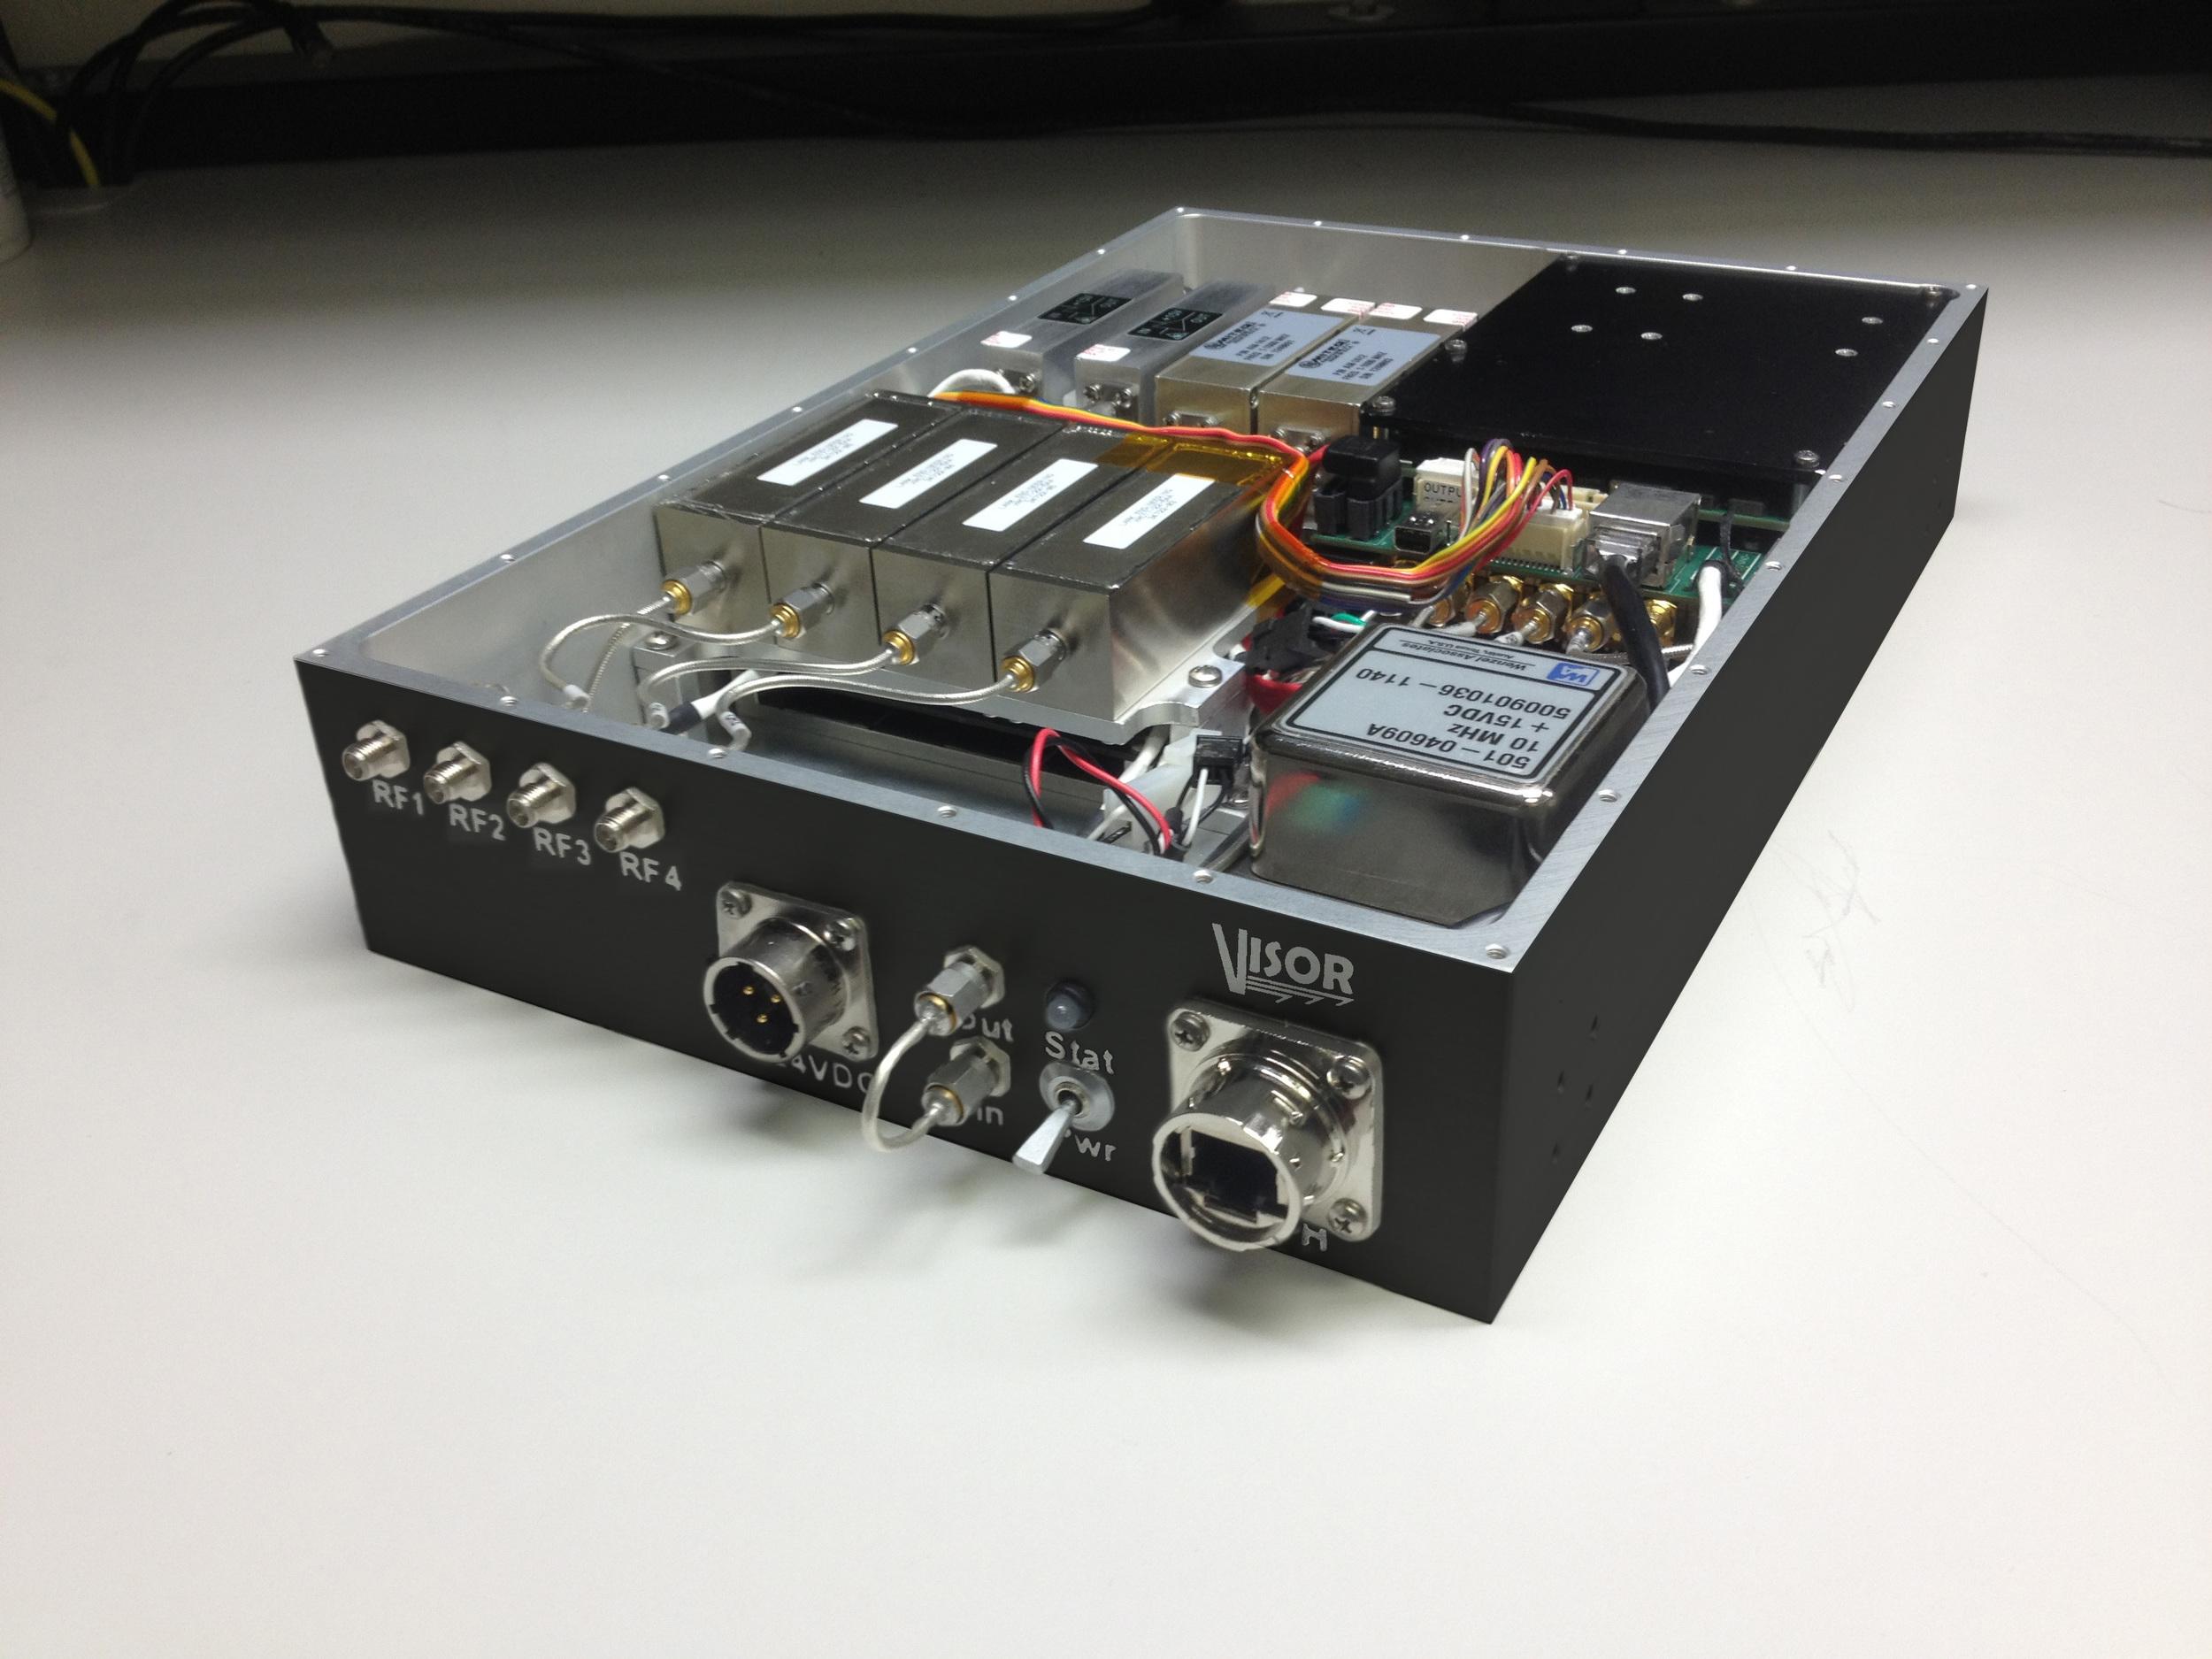 Digital receiver - lid open